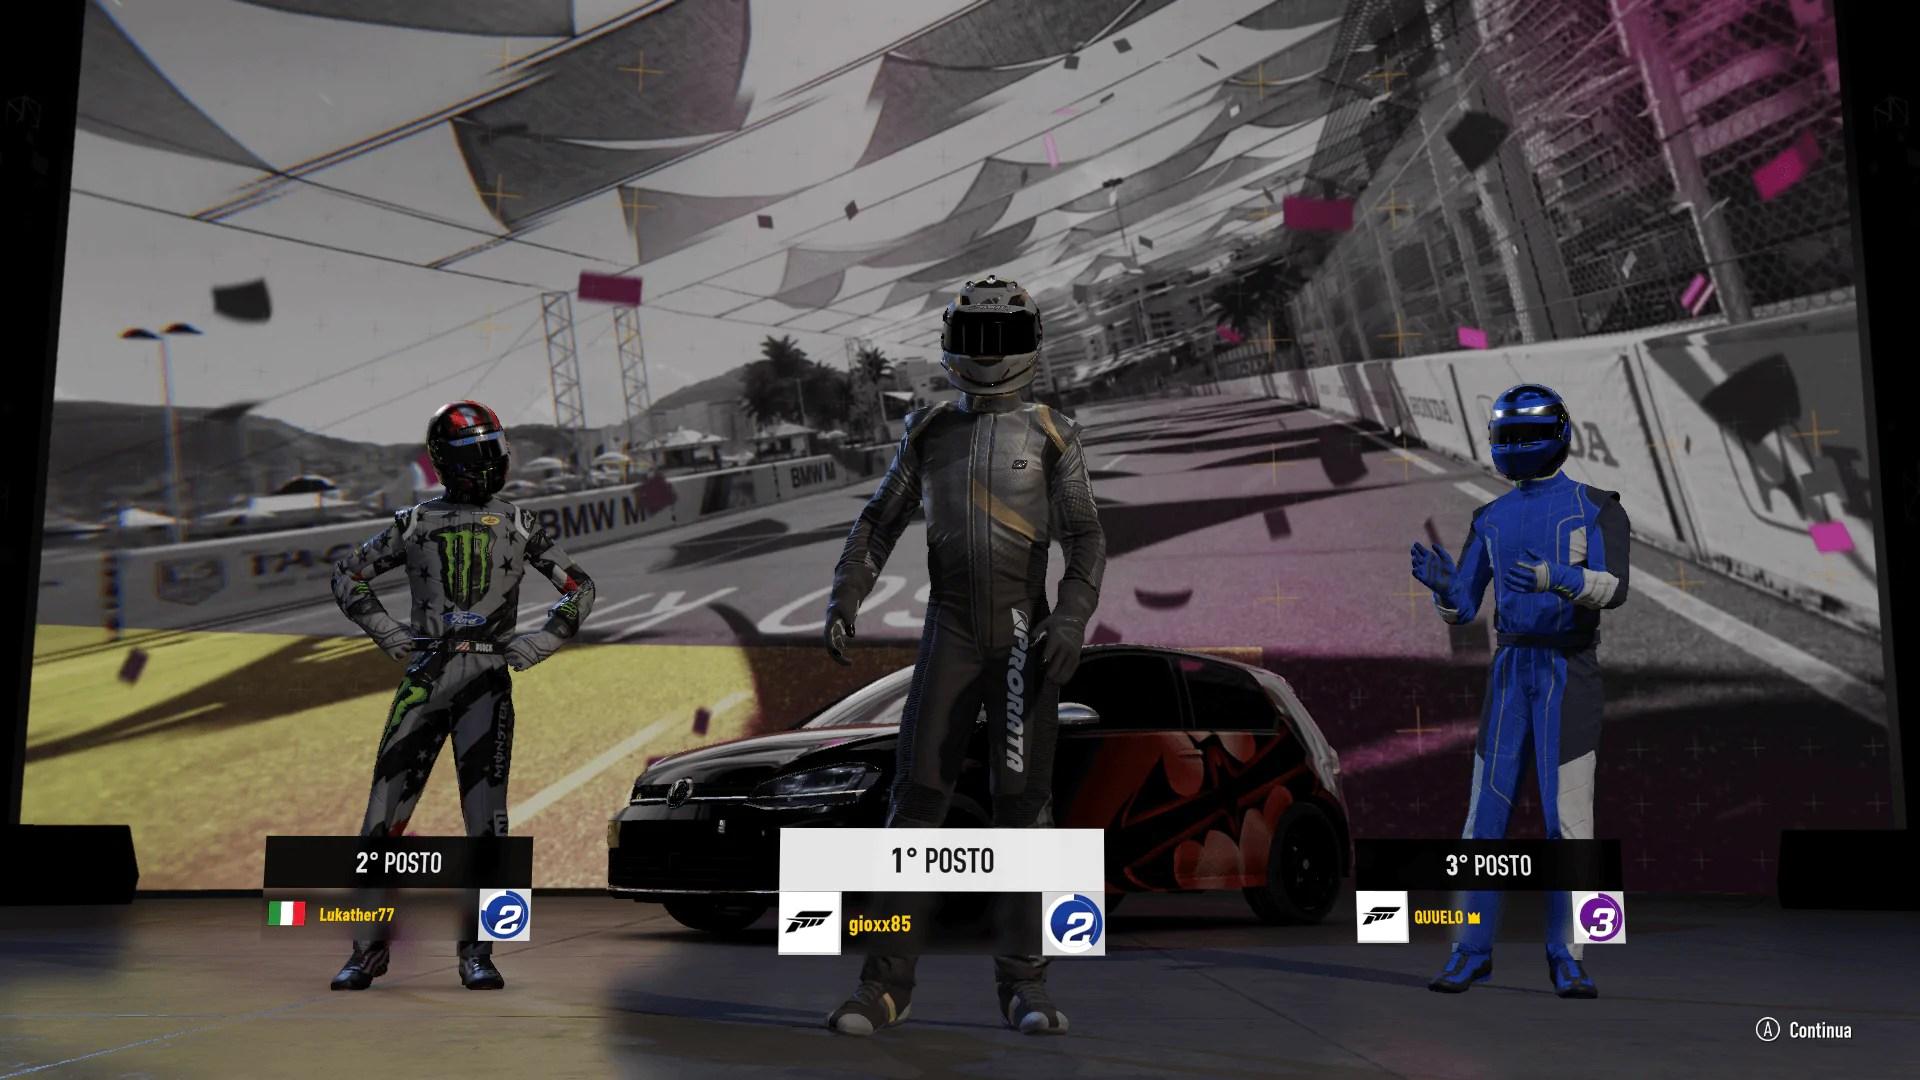 Sali a bordo del nuovo Forza Motorsport 7 1